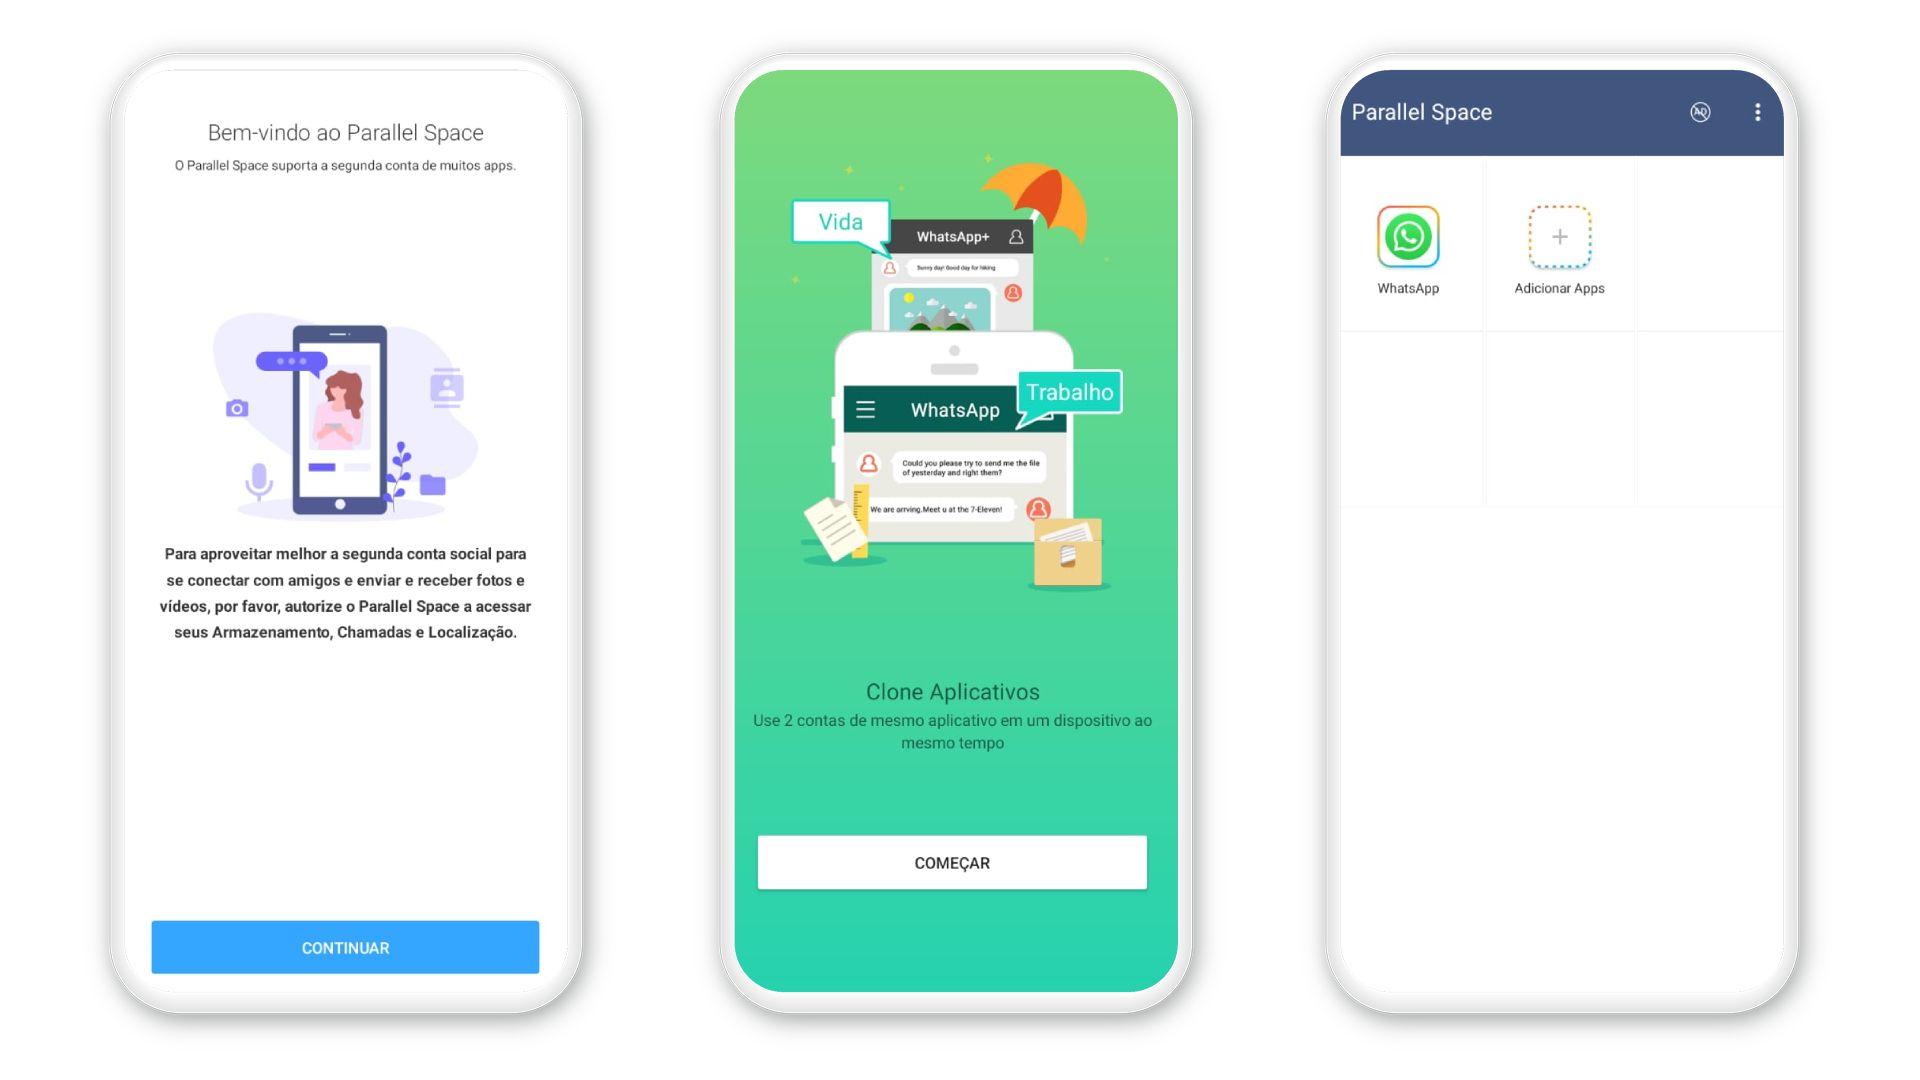 Como ter dois WhatsApp no mesmo celular? App Parallel Space é uma opção para Android e iPhone (Foto: Arte/Zoom)